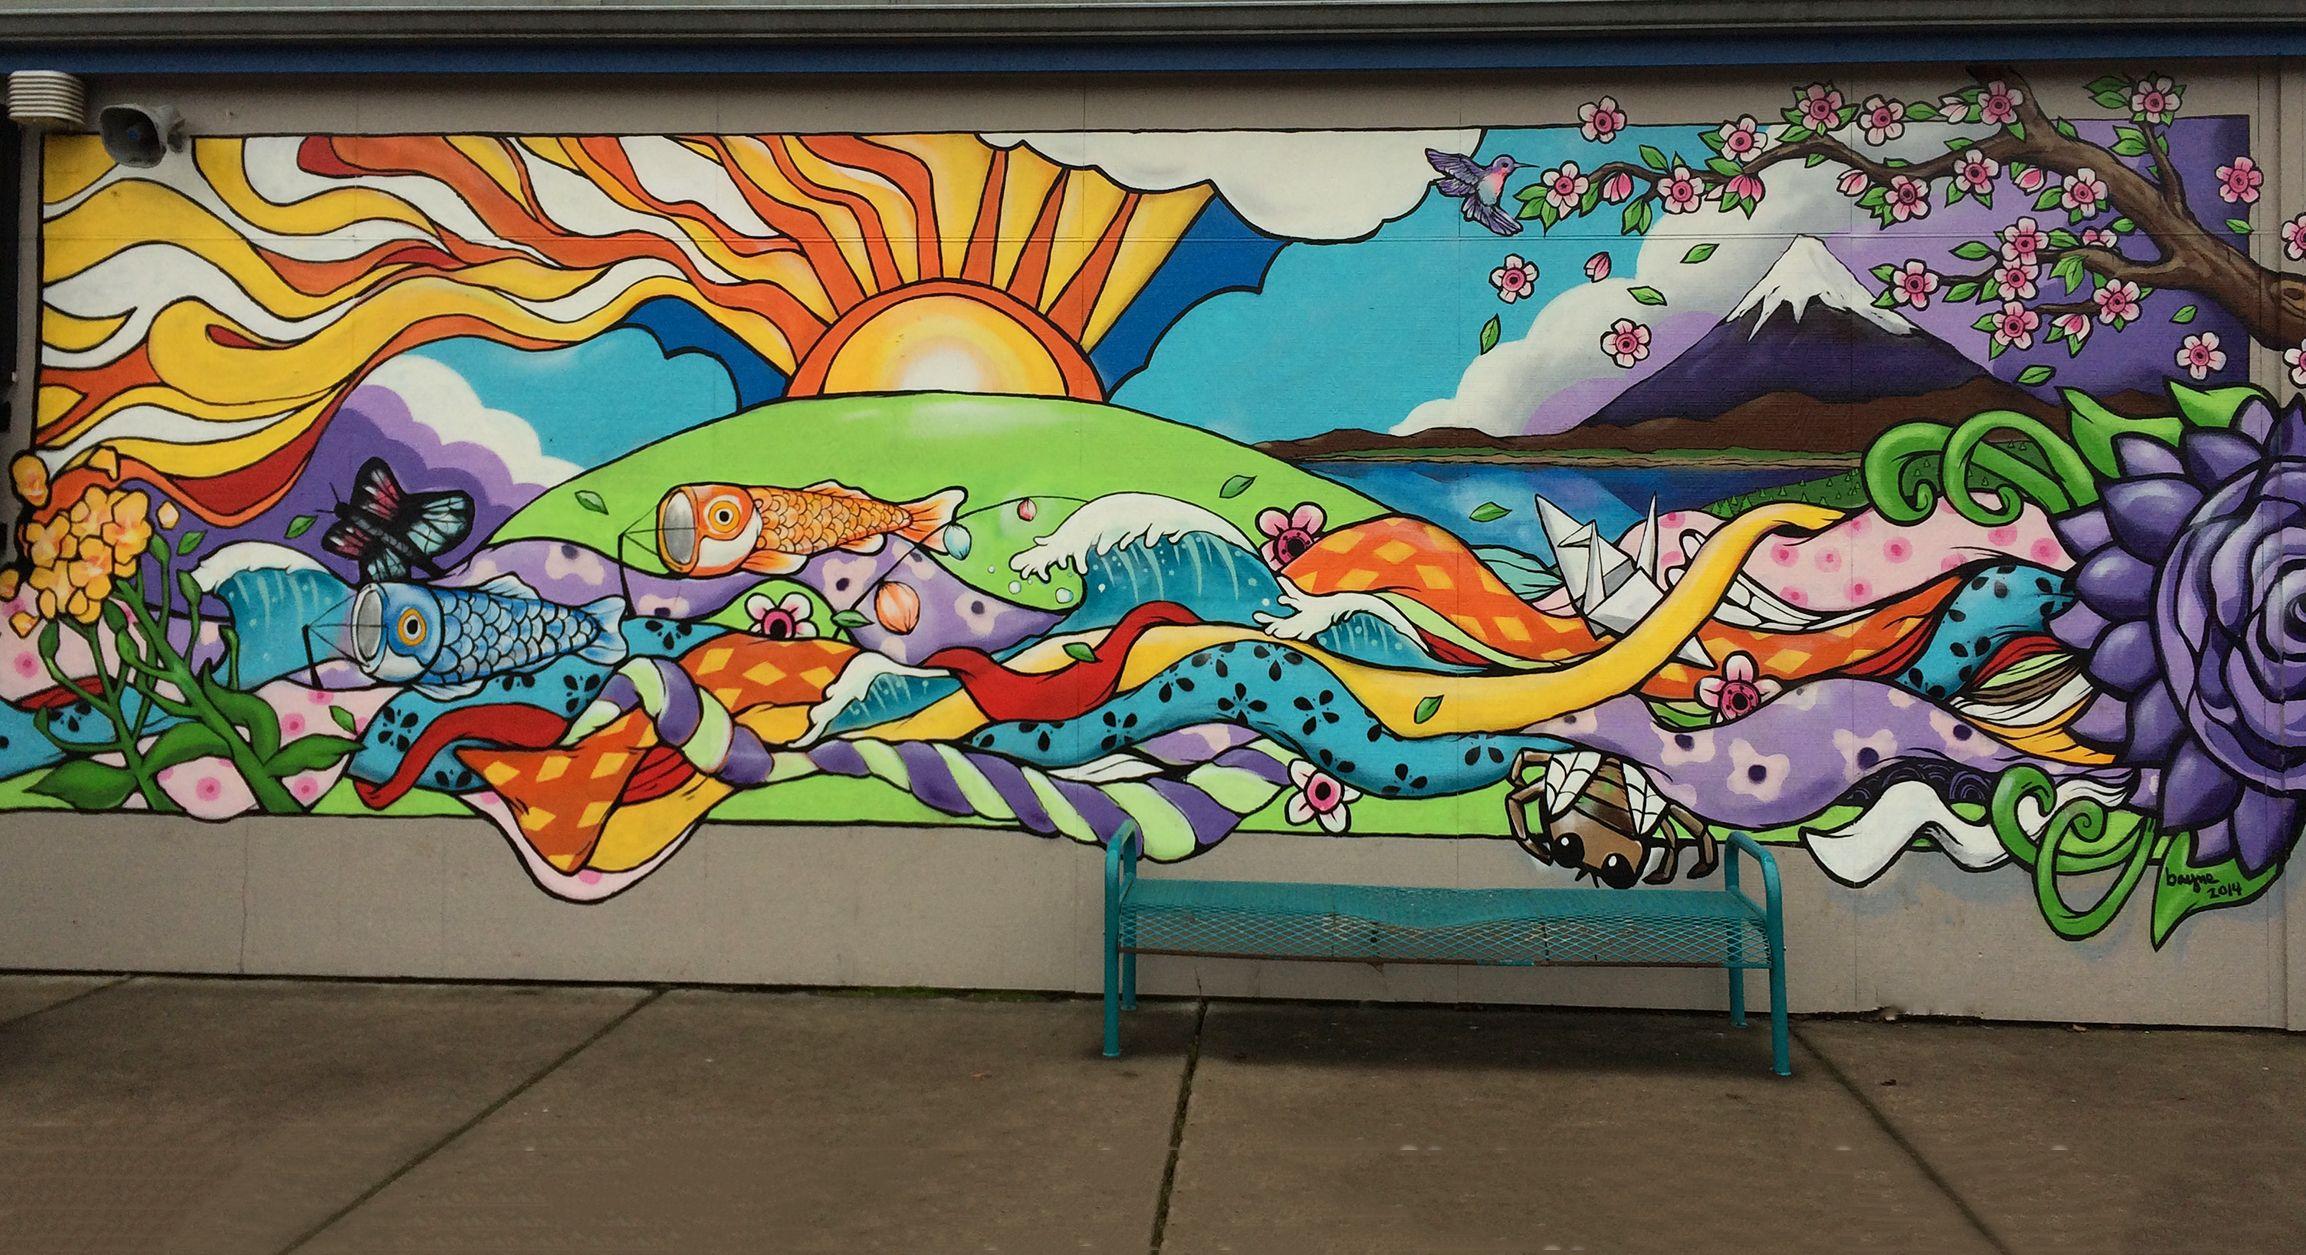 Graffiti You Might Find In A Kindergarten